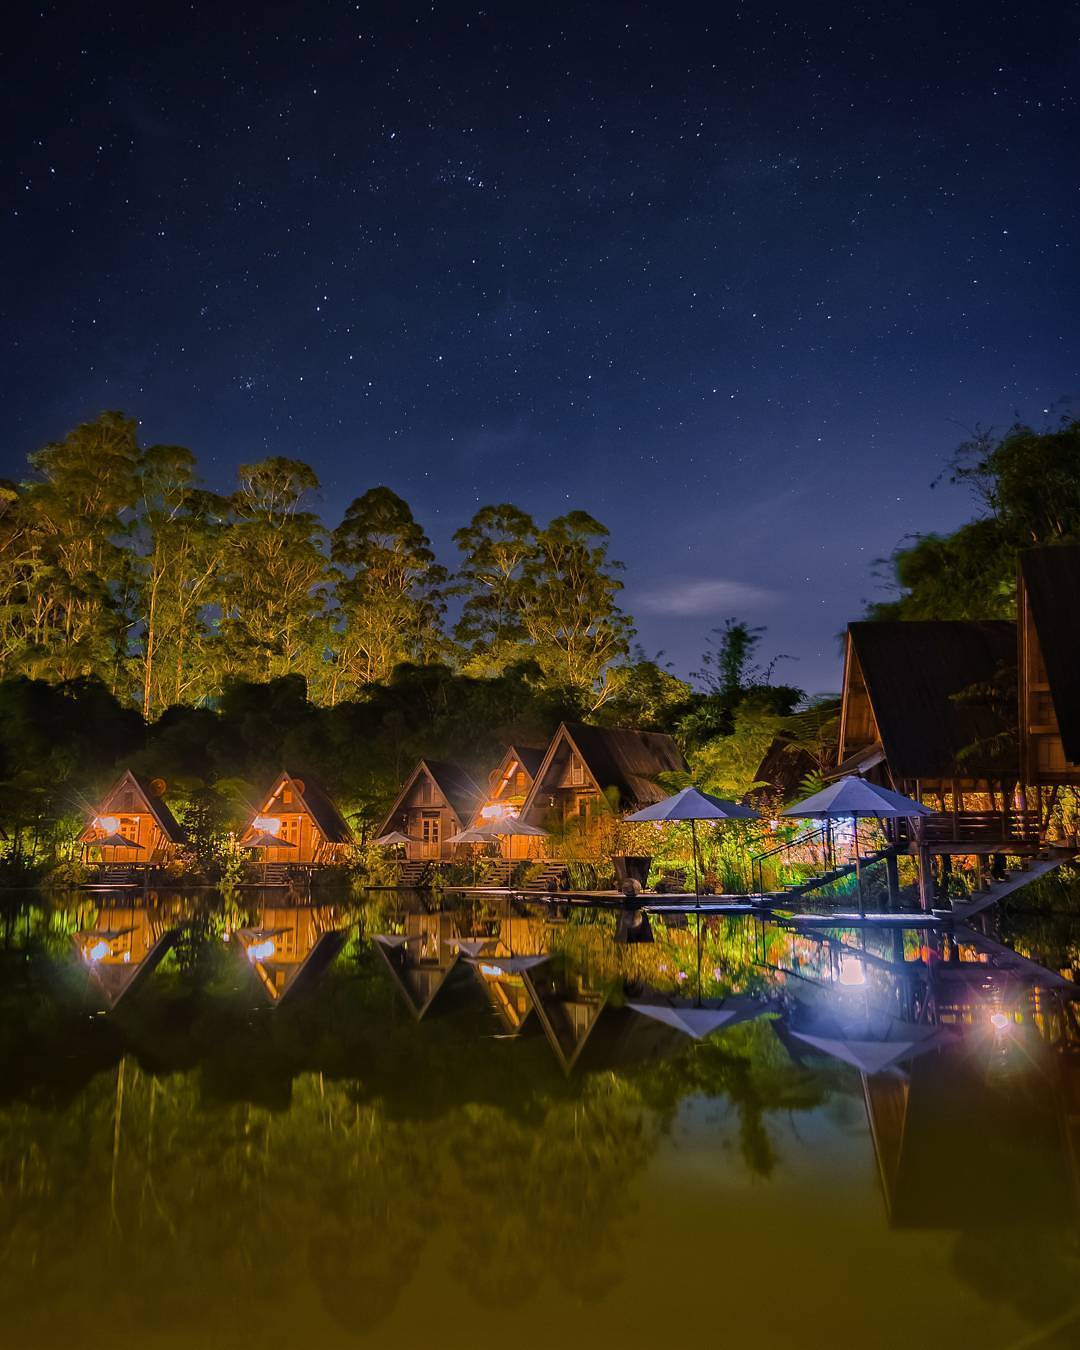 Cantiknya Dusun Bambu Saat Malam Hari, Lembang, Bandung